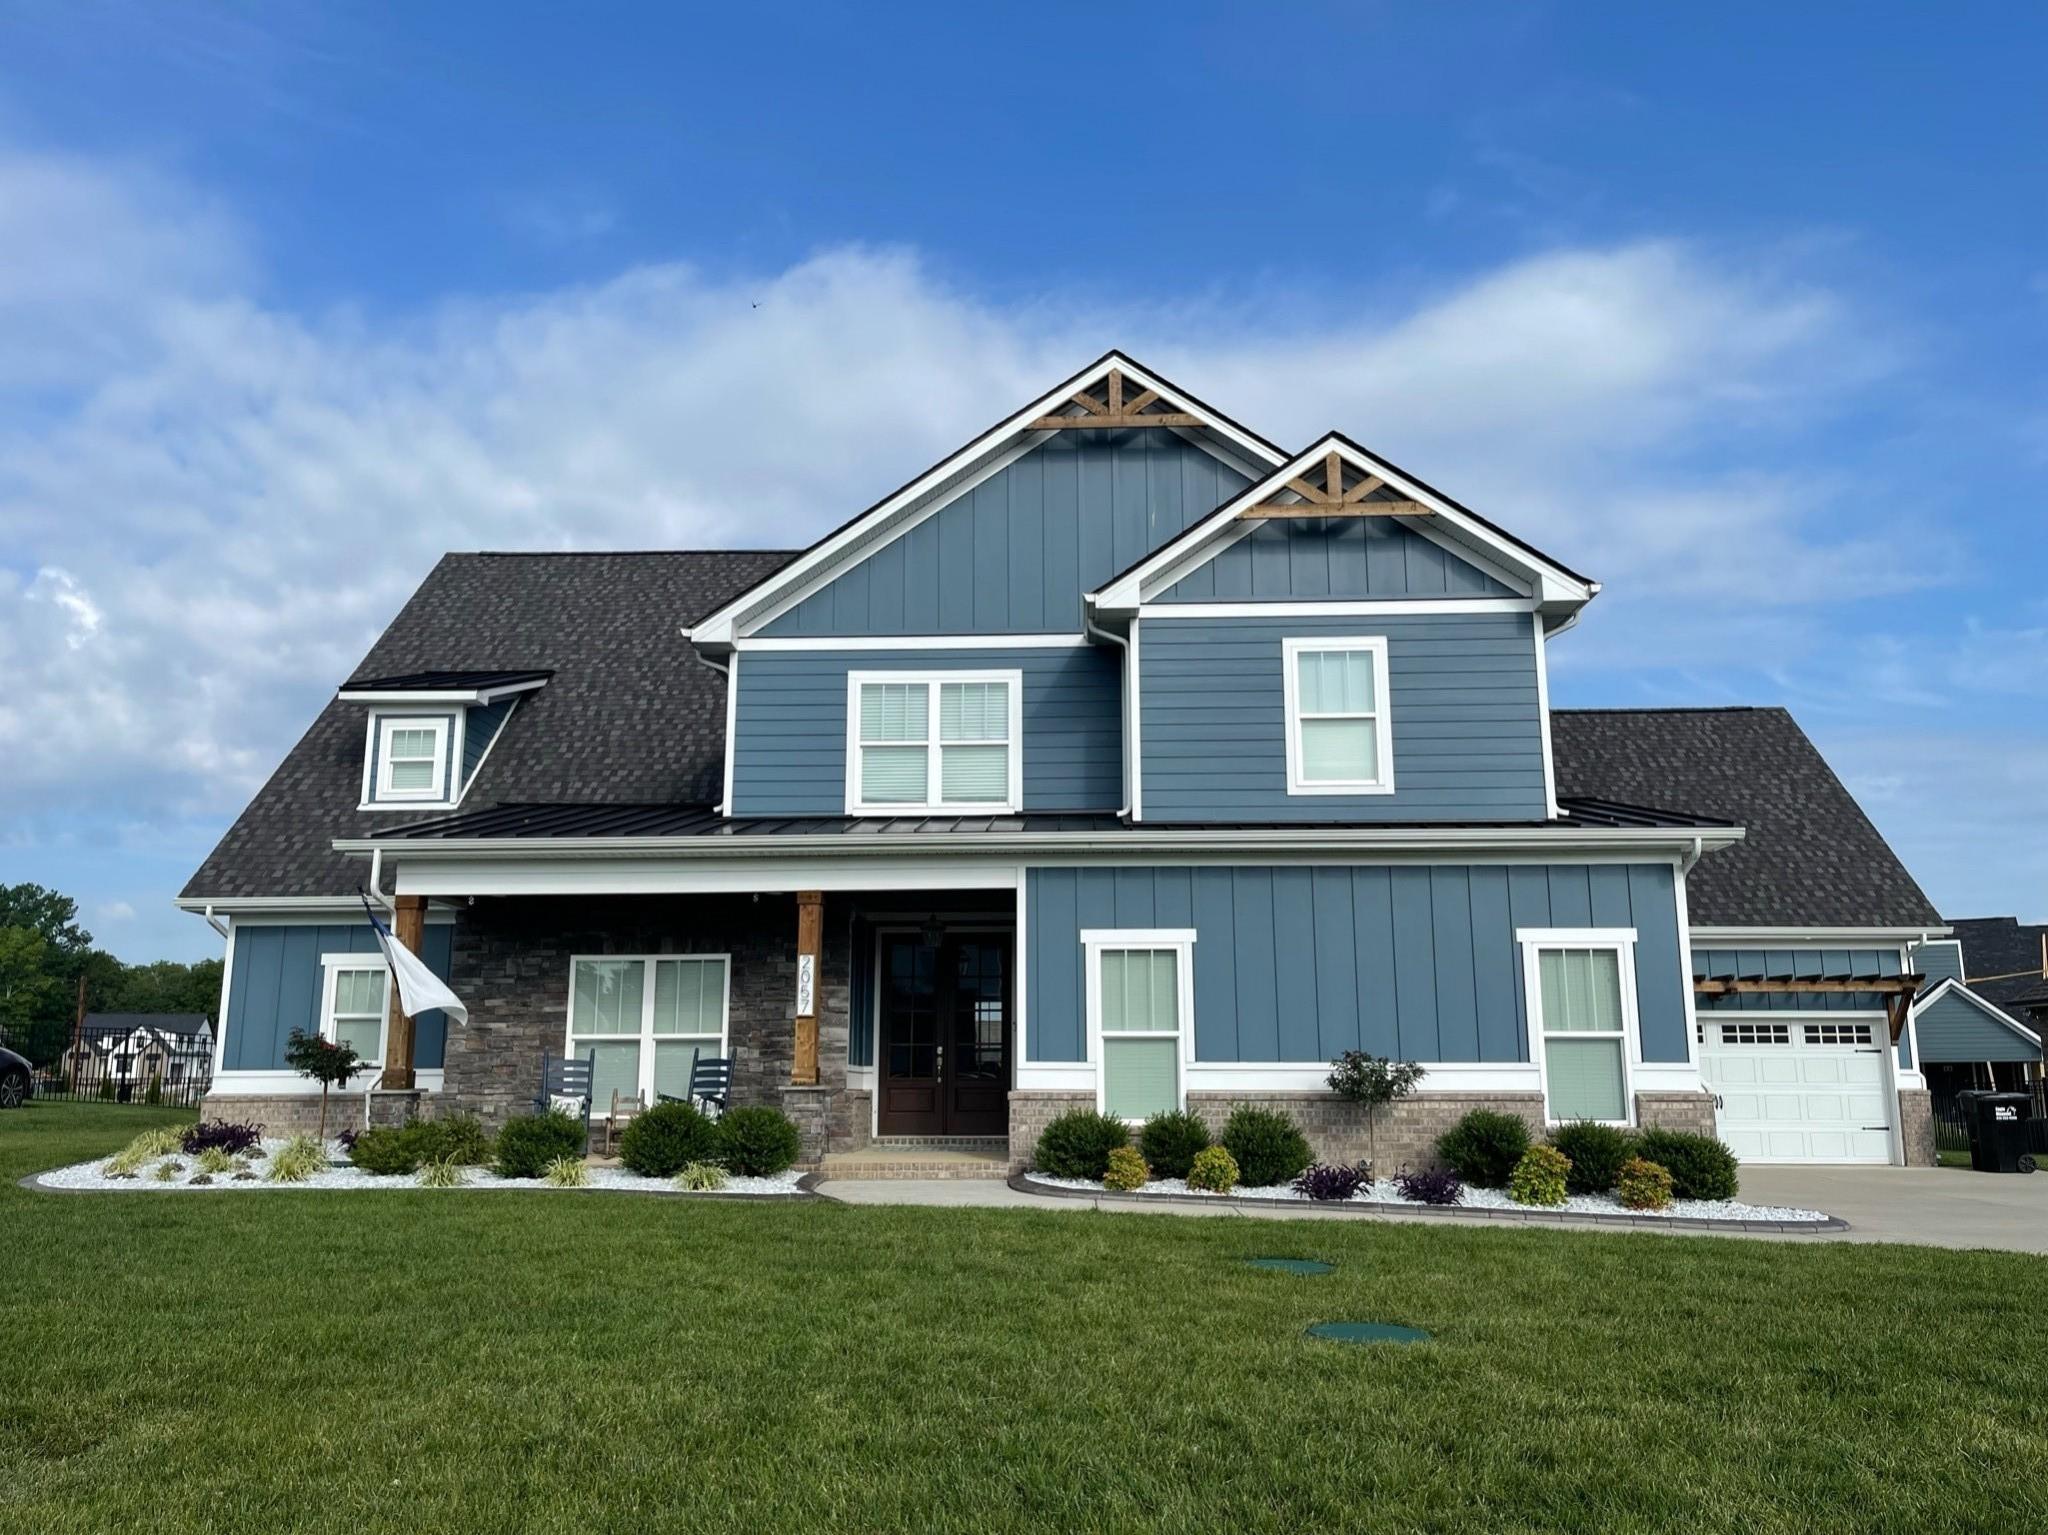 Anglers Retreat Sec 1 Real Estate Listings Main Image